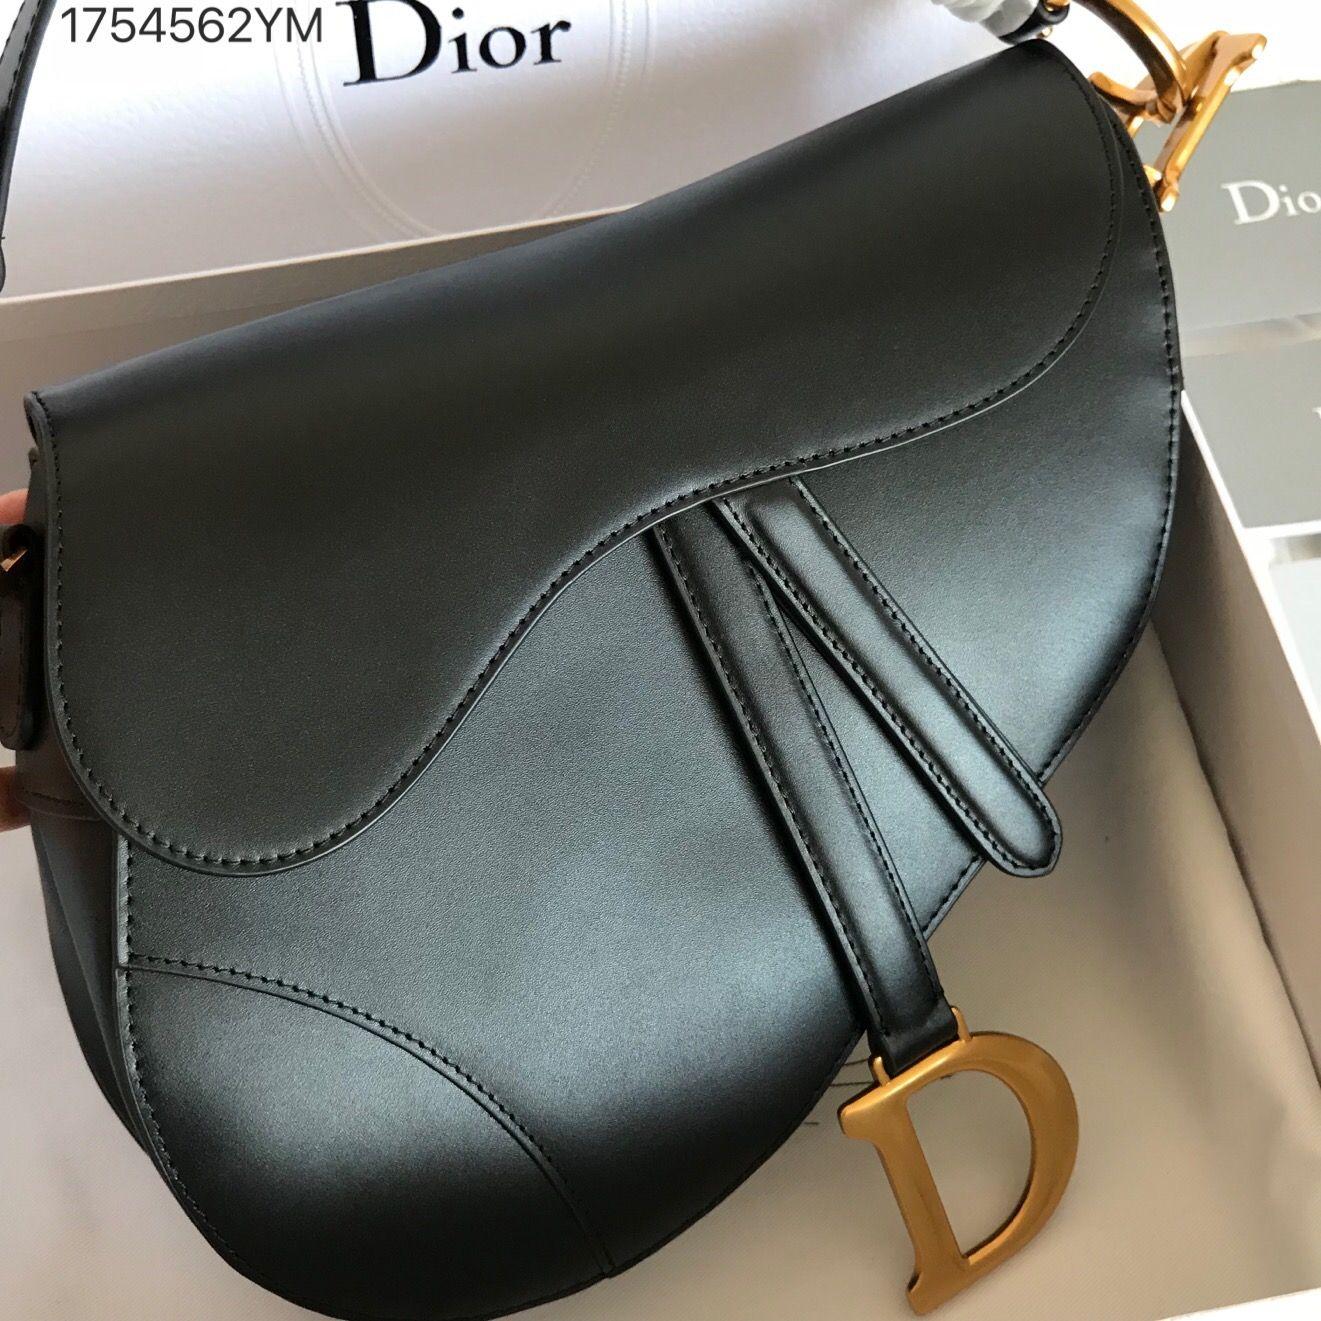 2d97e685d304 Christian Dior CD woman saddle shoulder bag original leather version black